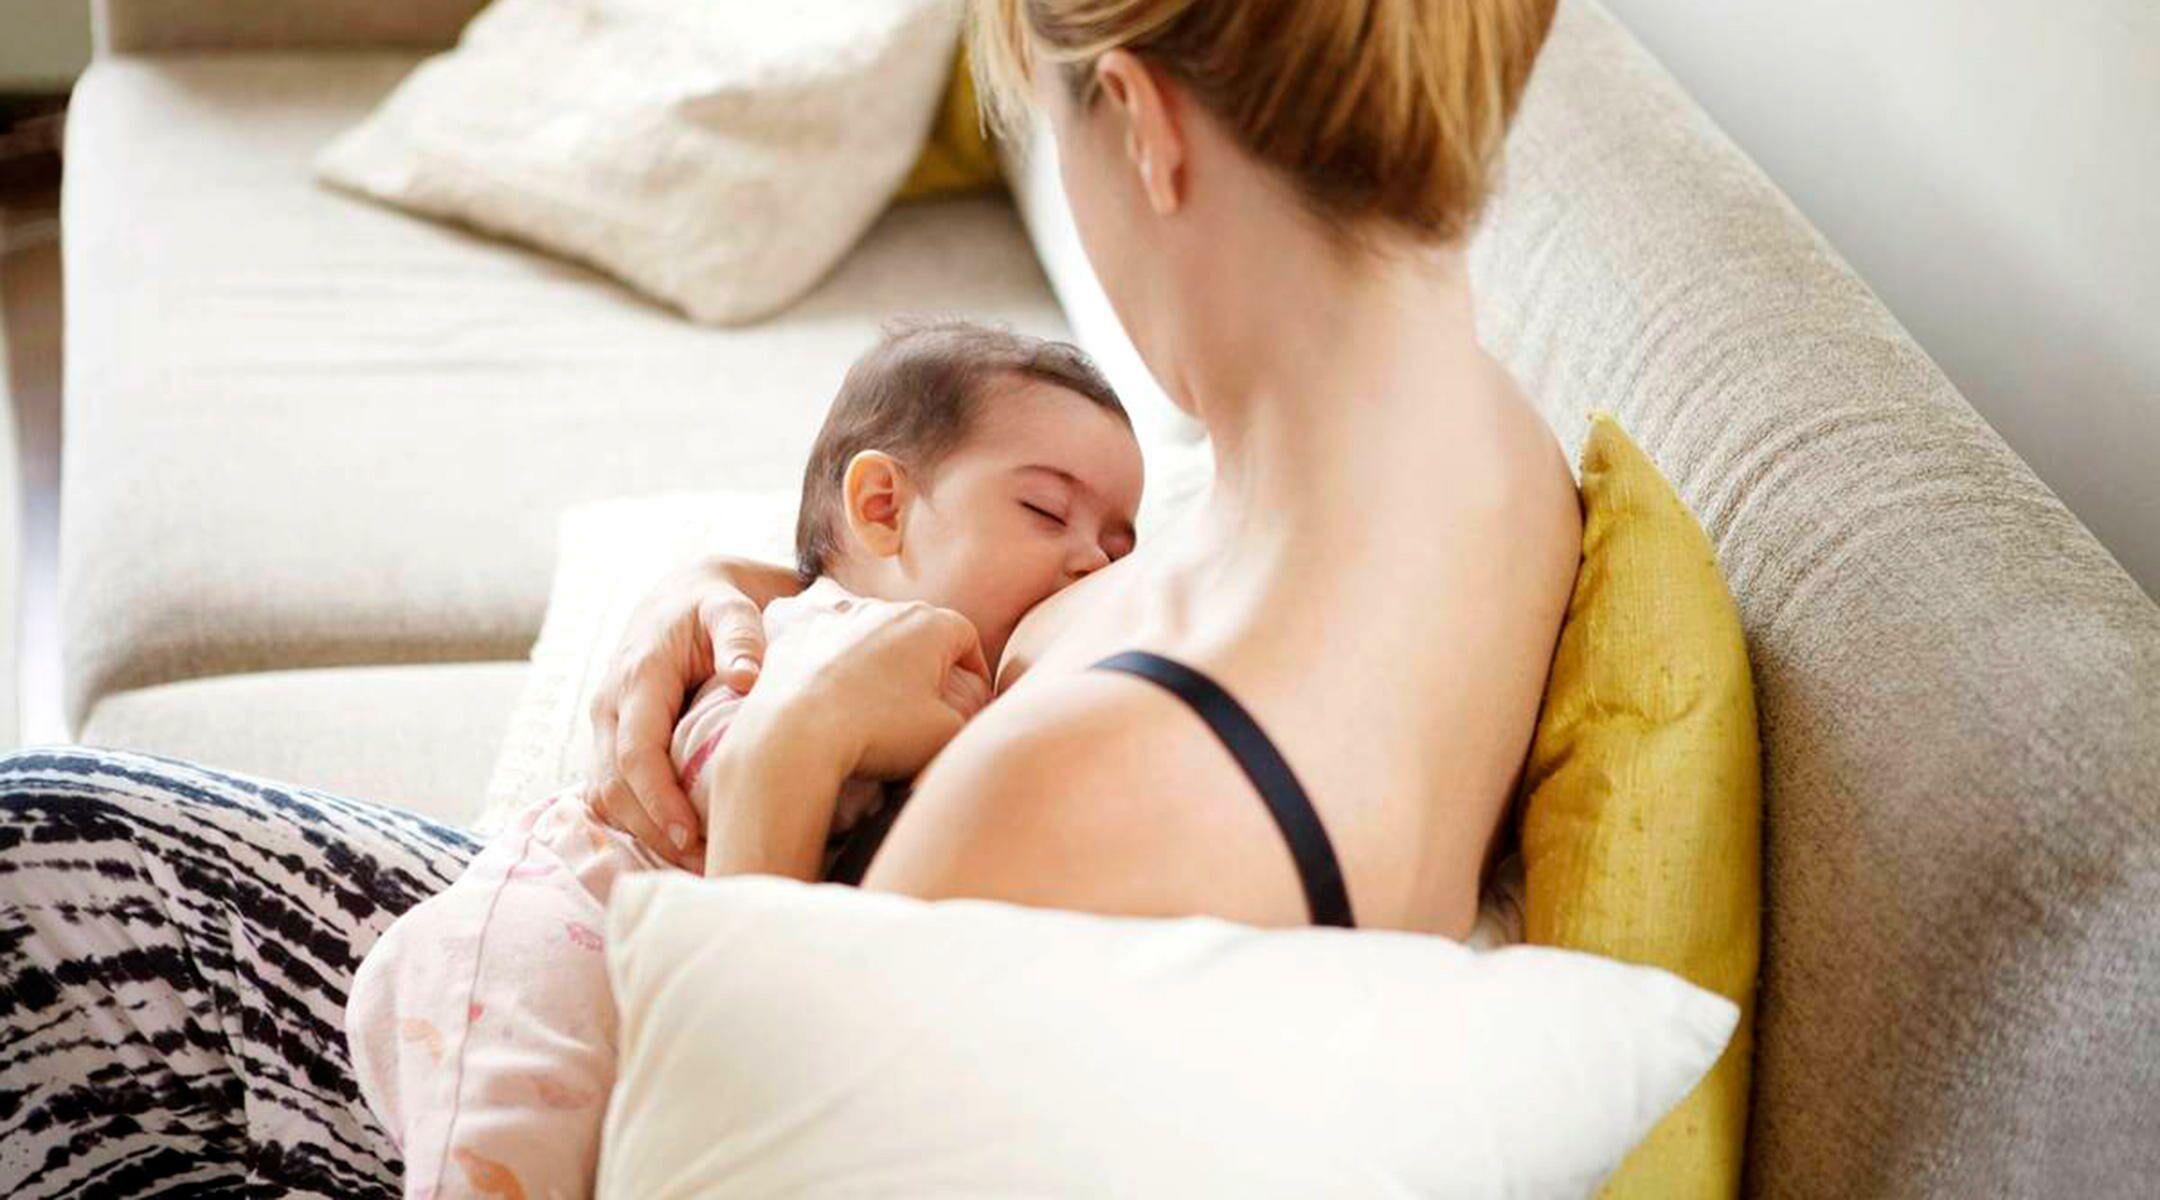 I Nurse My Baby to Sleep. Is That Okay?